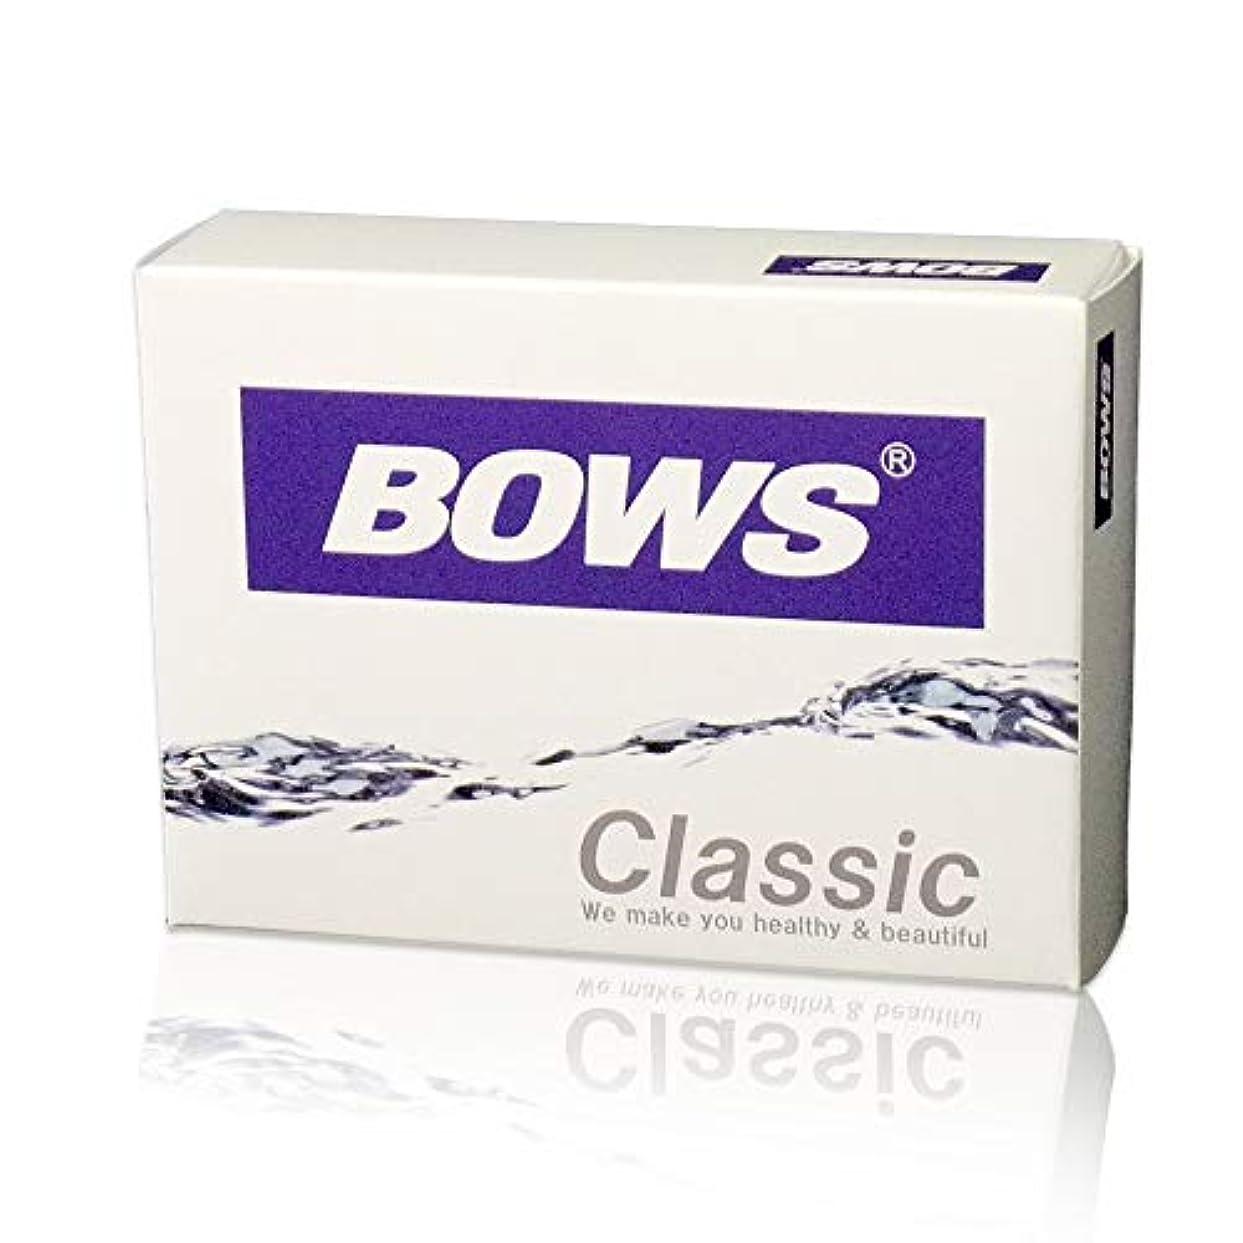 正しくいじめっ子組立BOWS Classic(ボウス クラシック) 90g (30包)